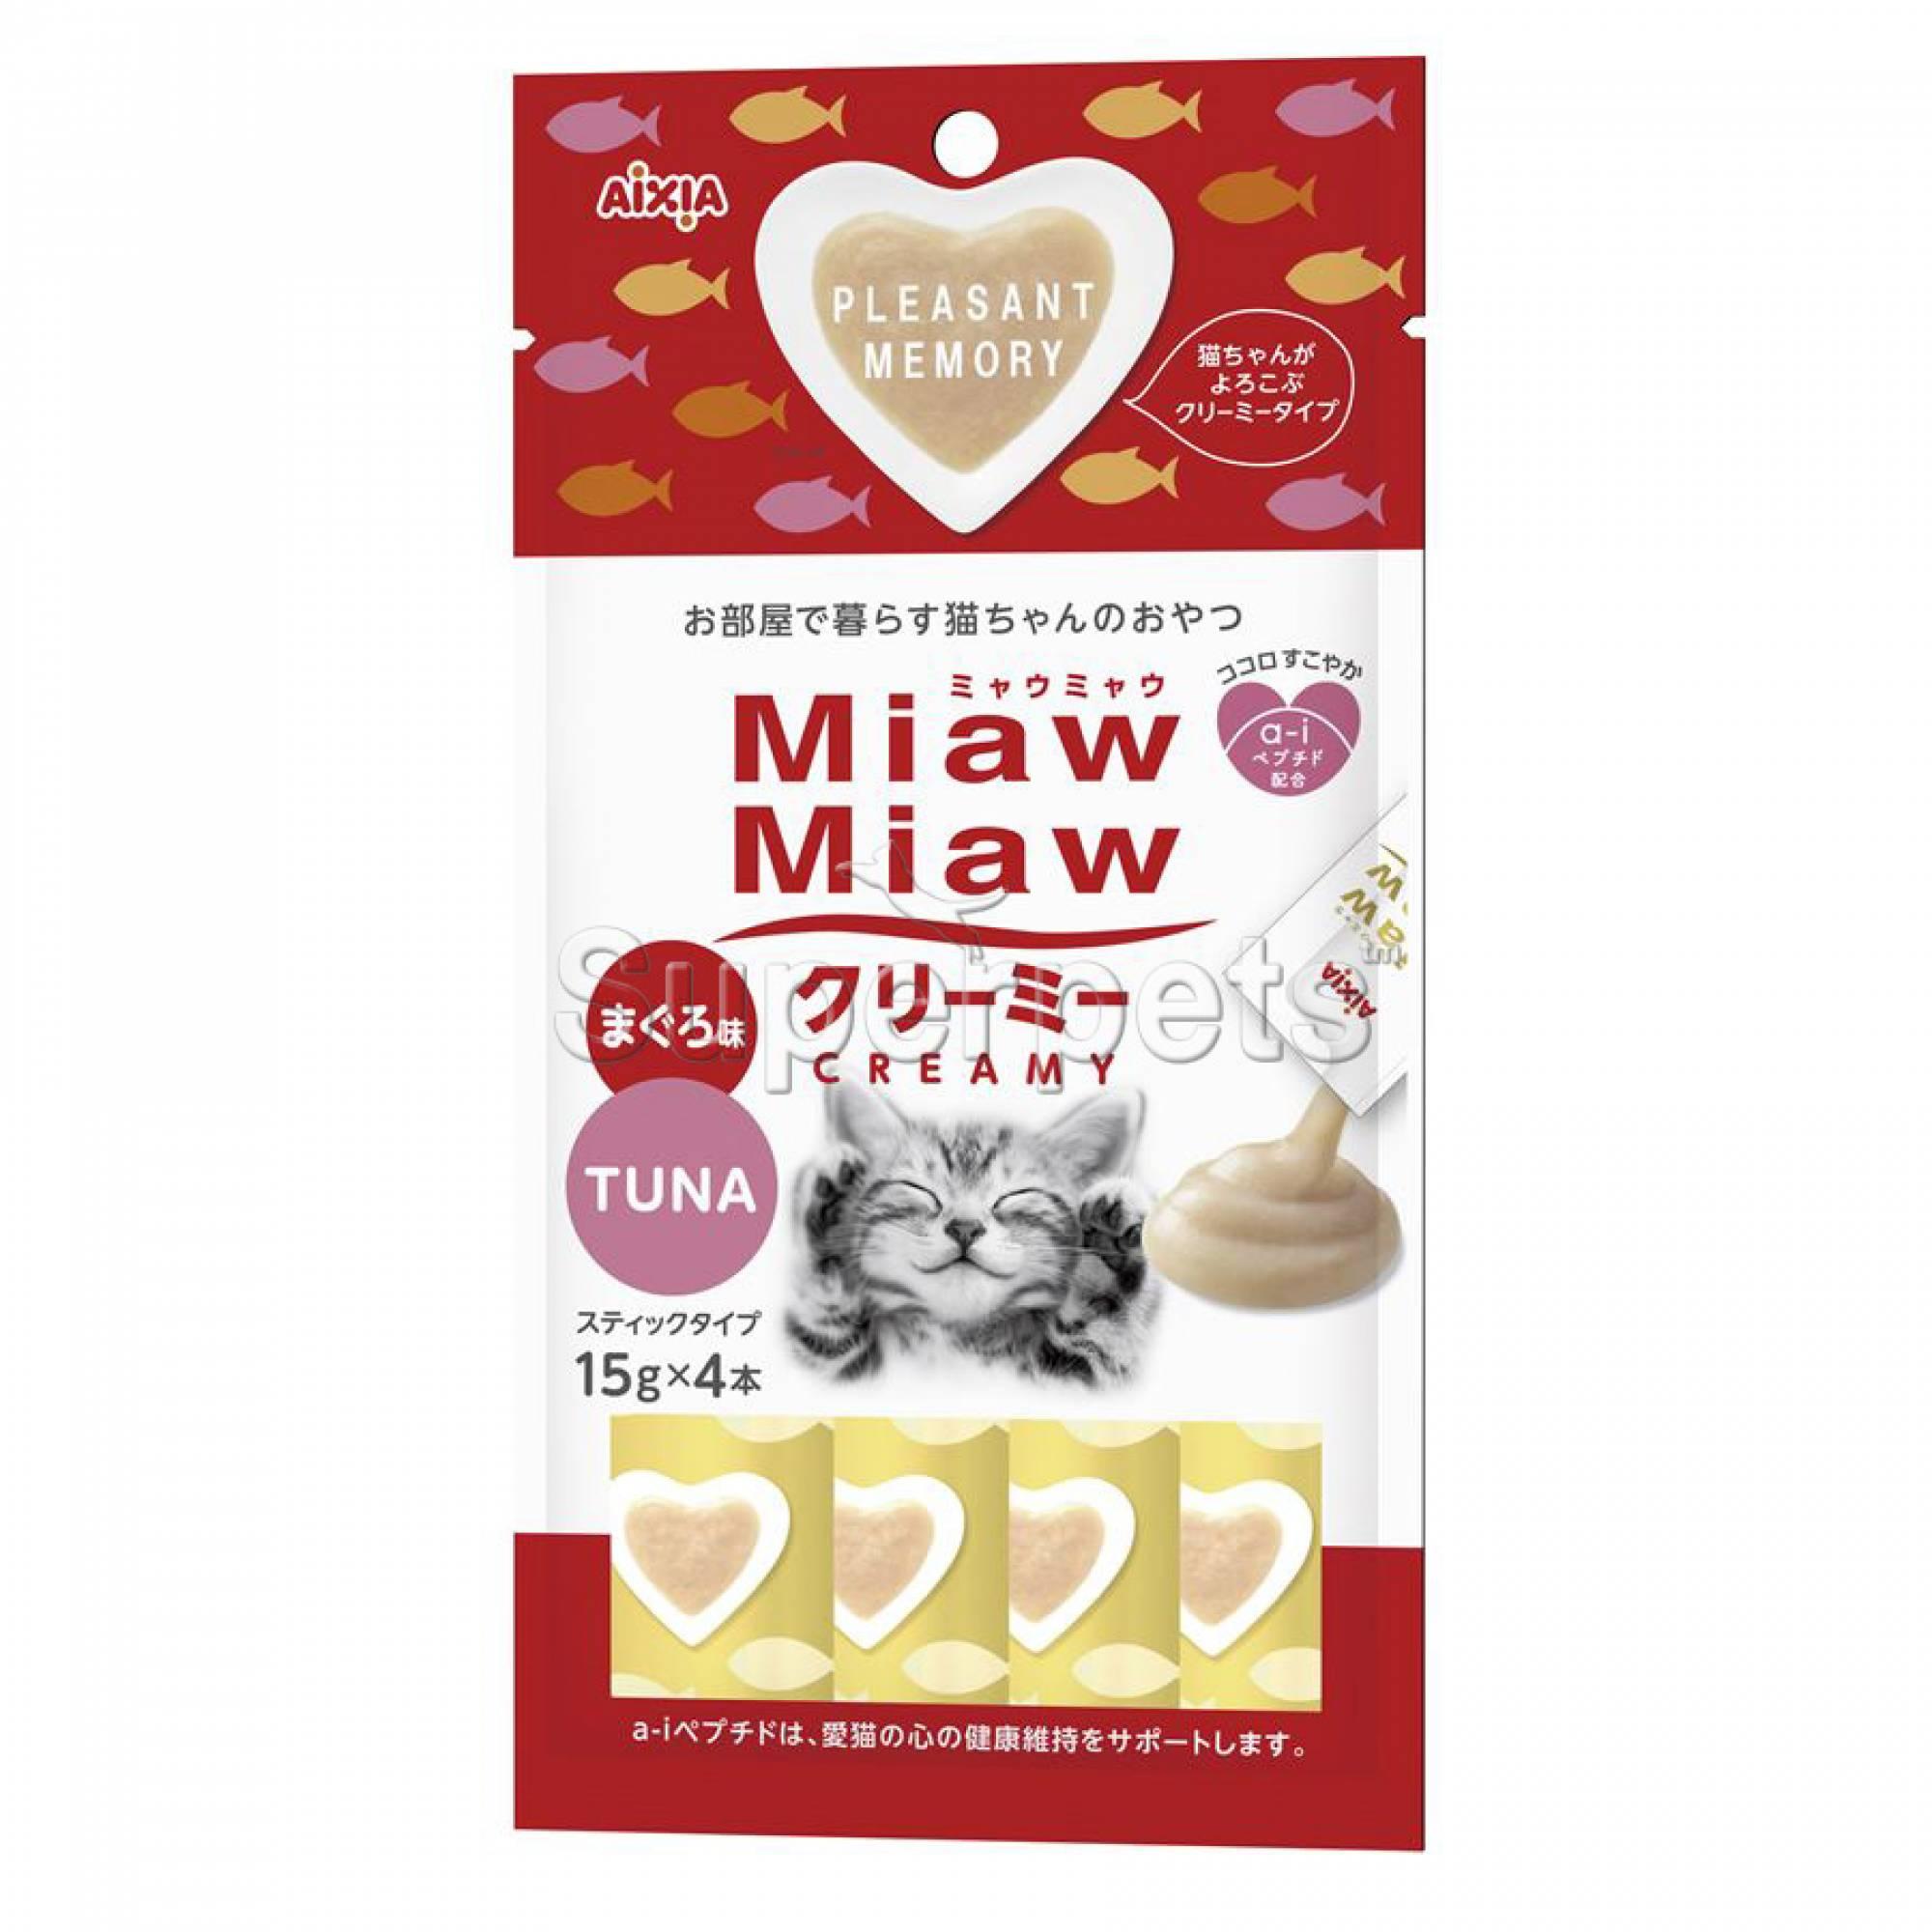 Aixia Miaw Miaw Creamy - Tuna 15g x 4pcs